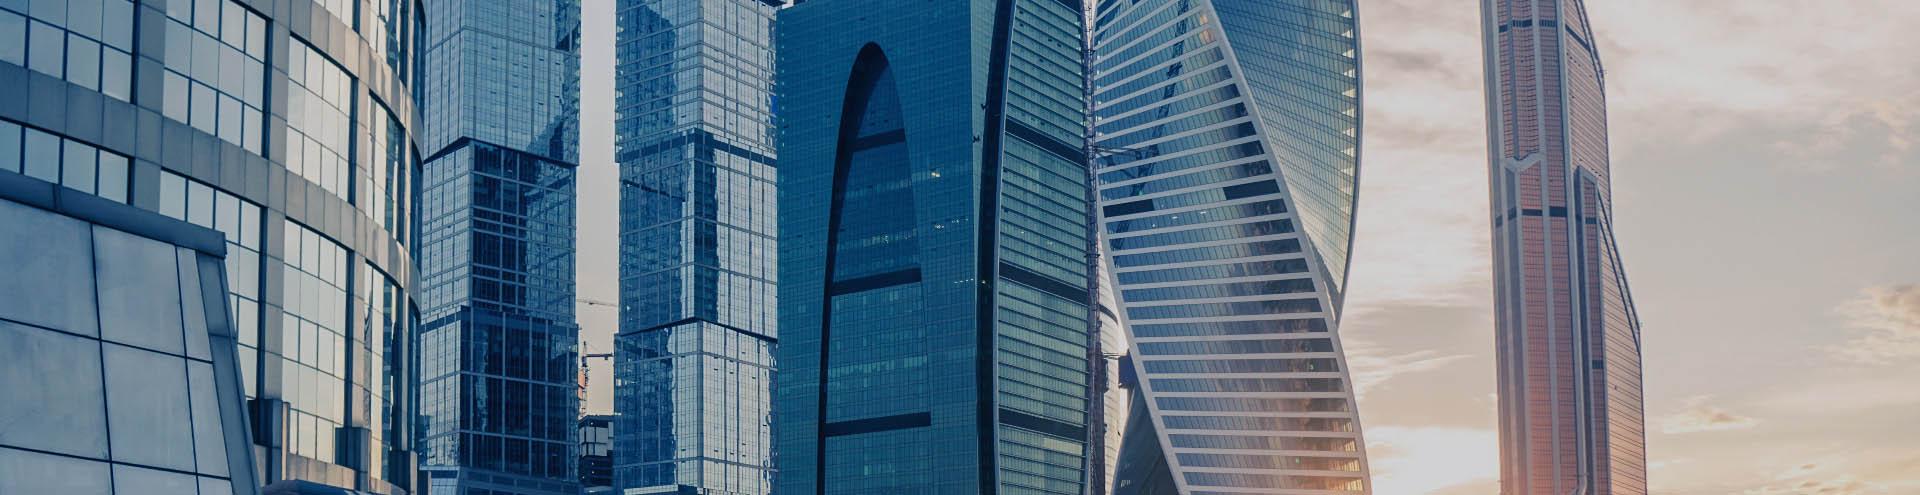 Услуги по недвижимости в Краснодаре и Краснодарском крае